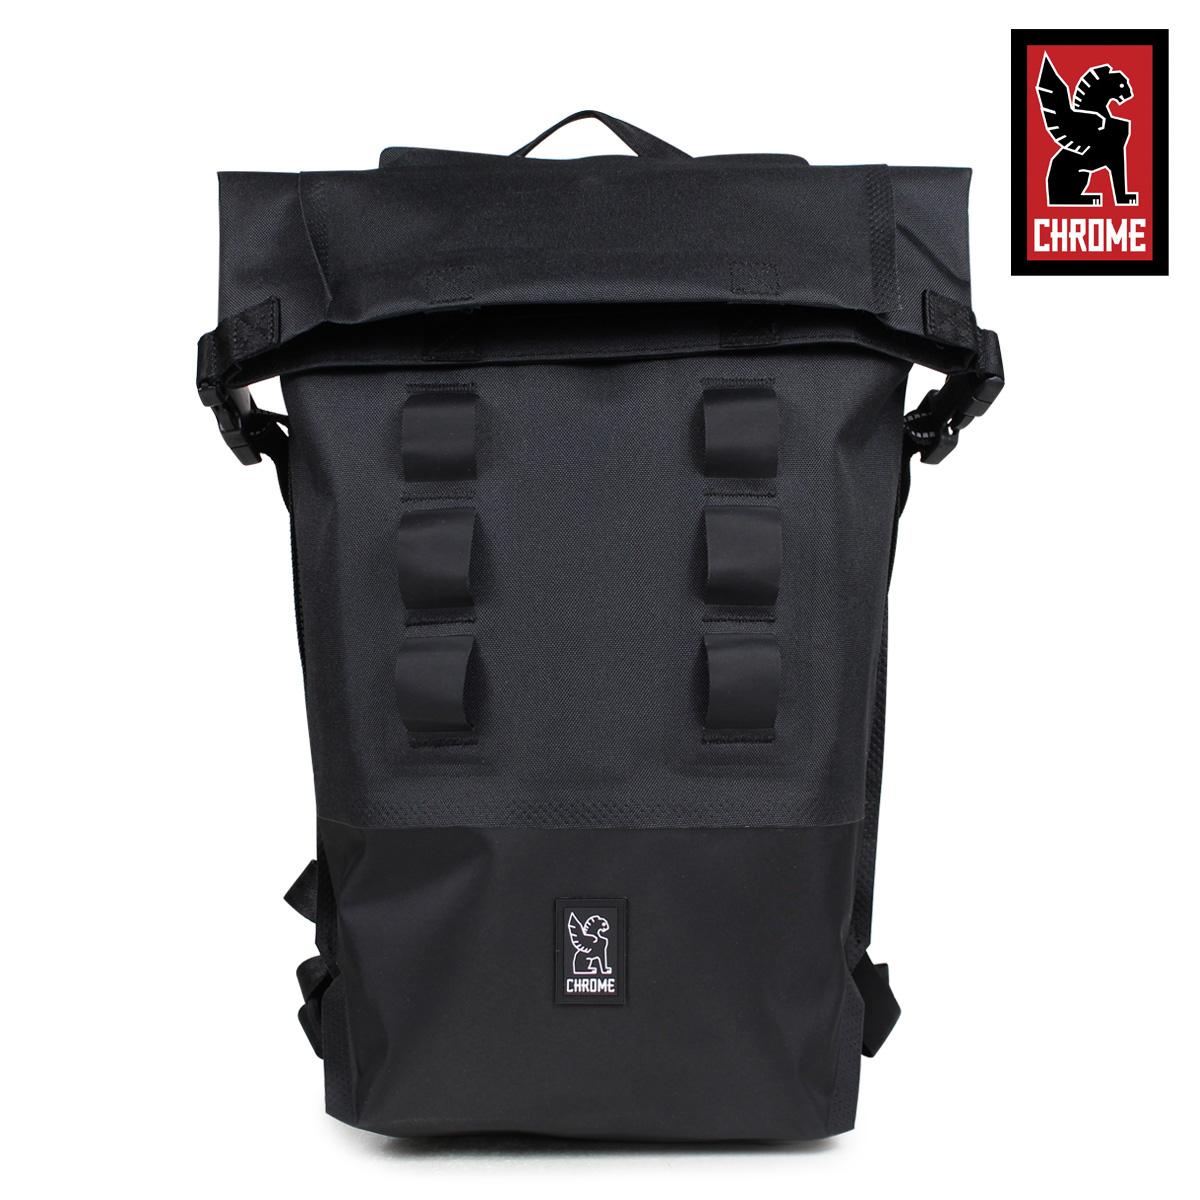 【最大2000円OFFクーポン】 クローム CHROME リュック バッグ バックパック 18L メンズ レディース URBAN EX ROLLTOP 18 BG-217 ブラック